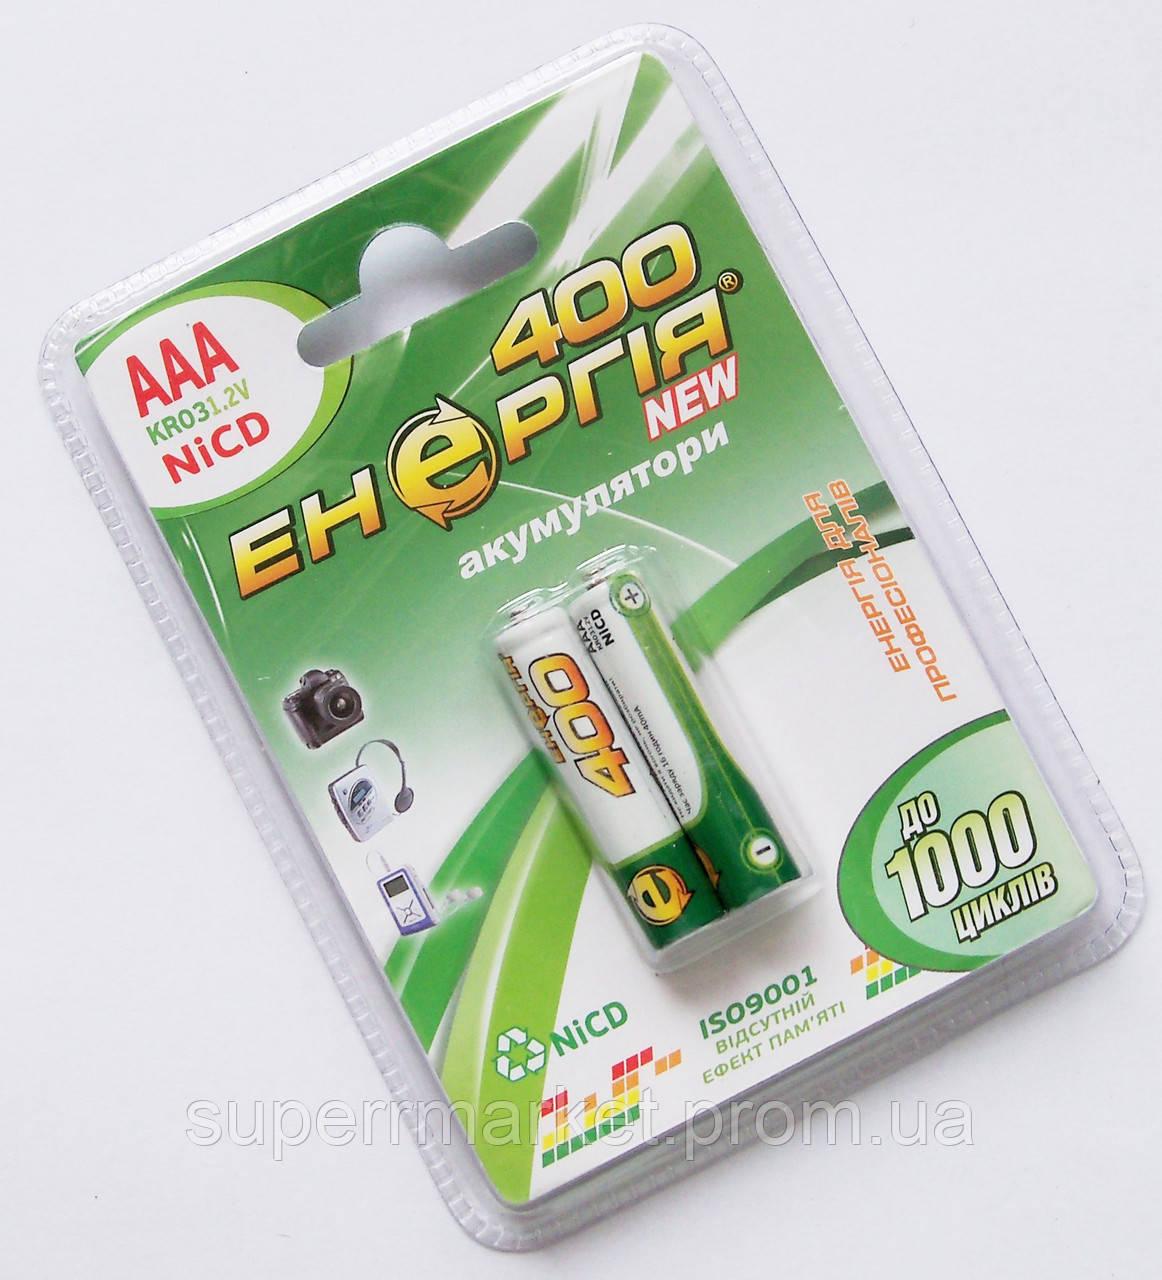 Аккумулятор AAА Энергия NiCD 400 mAh